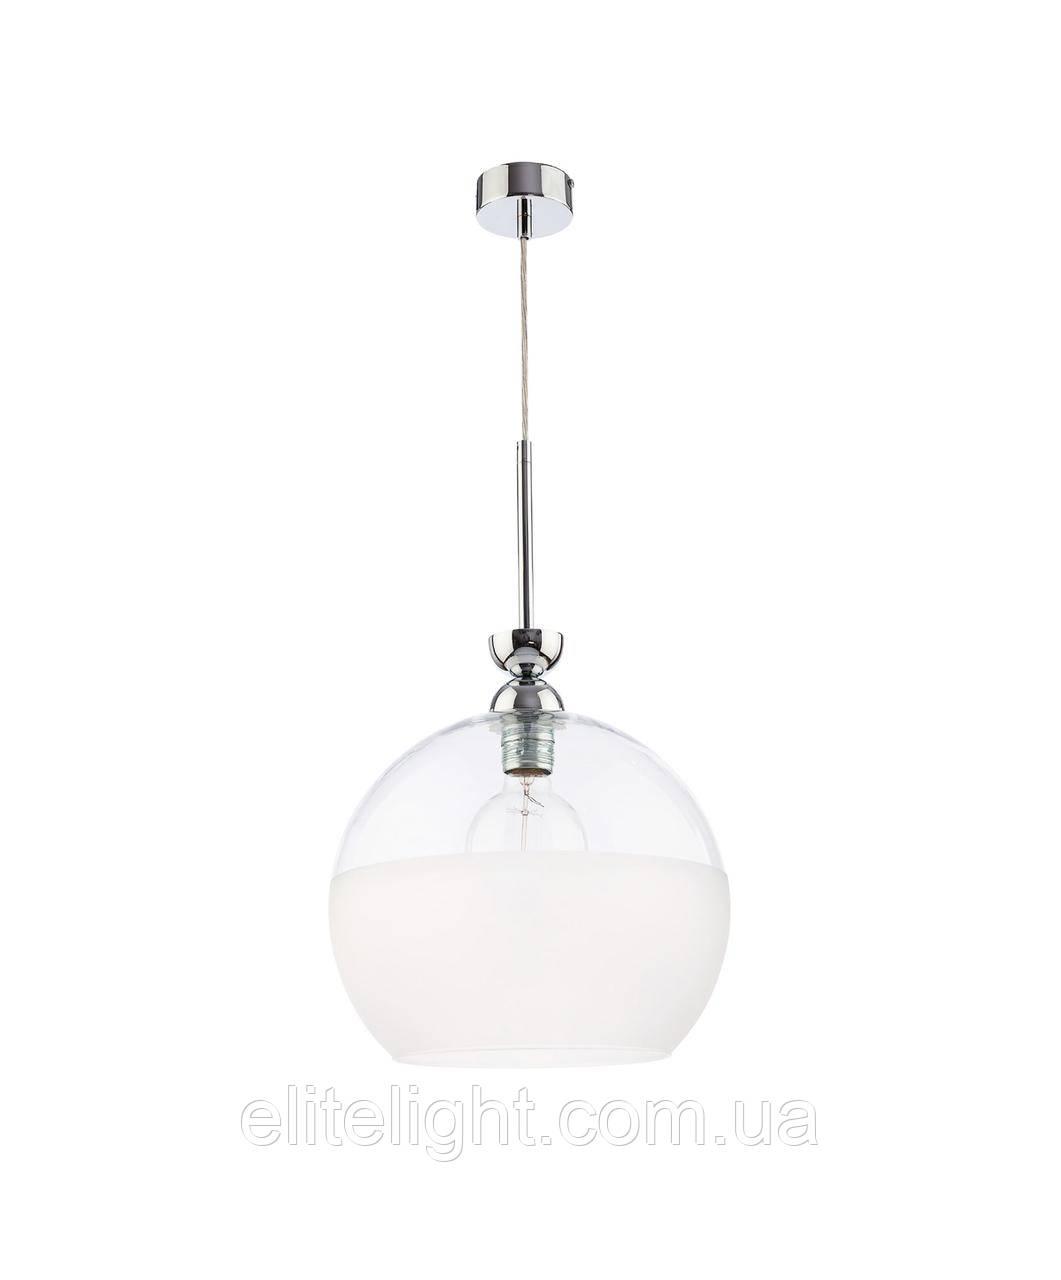 Подвесной светильник Jupiter VIX 1578